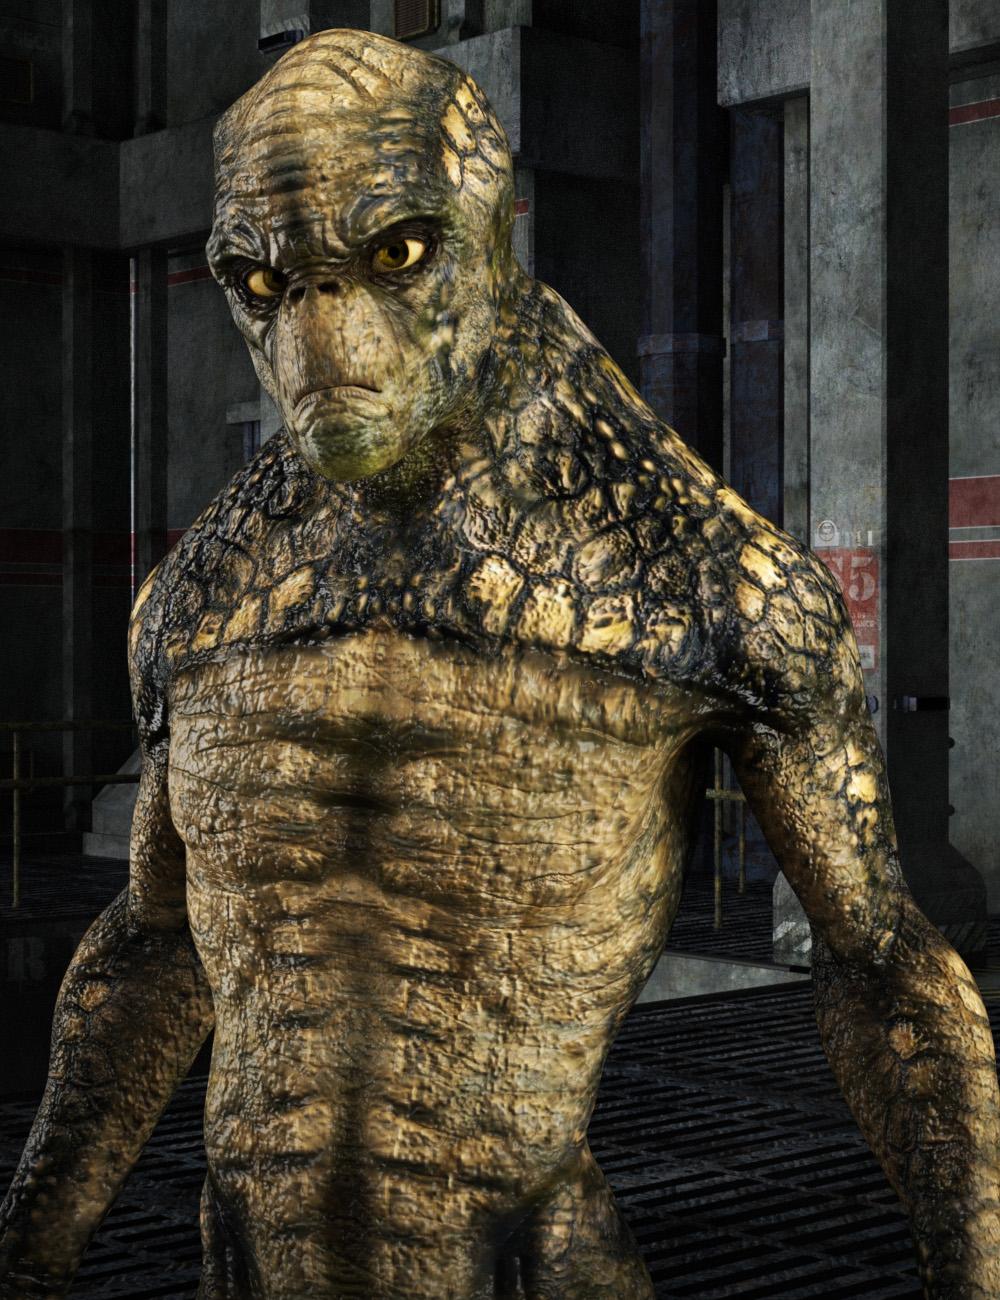 Alien-X for Genesis 3 Male(s) by: Sixus1 MediaJosh Crockett, 3D Models by Daz 3D